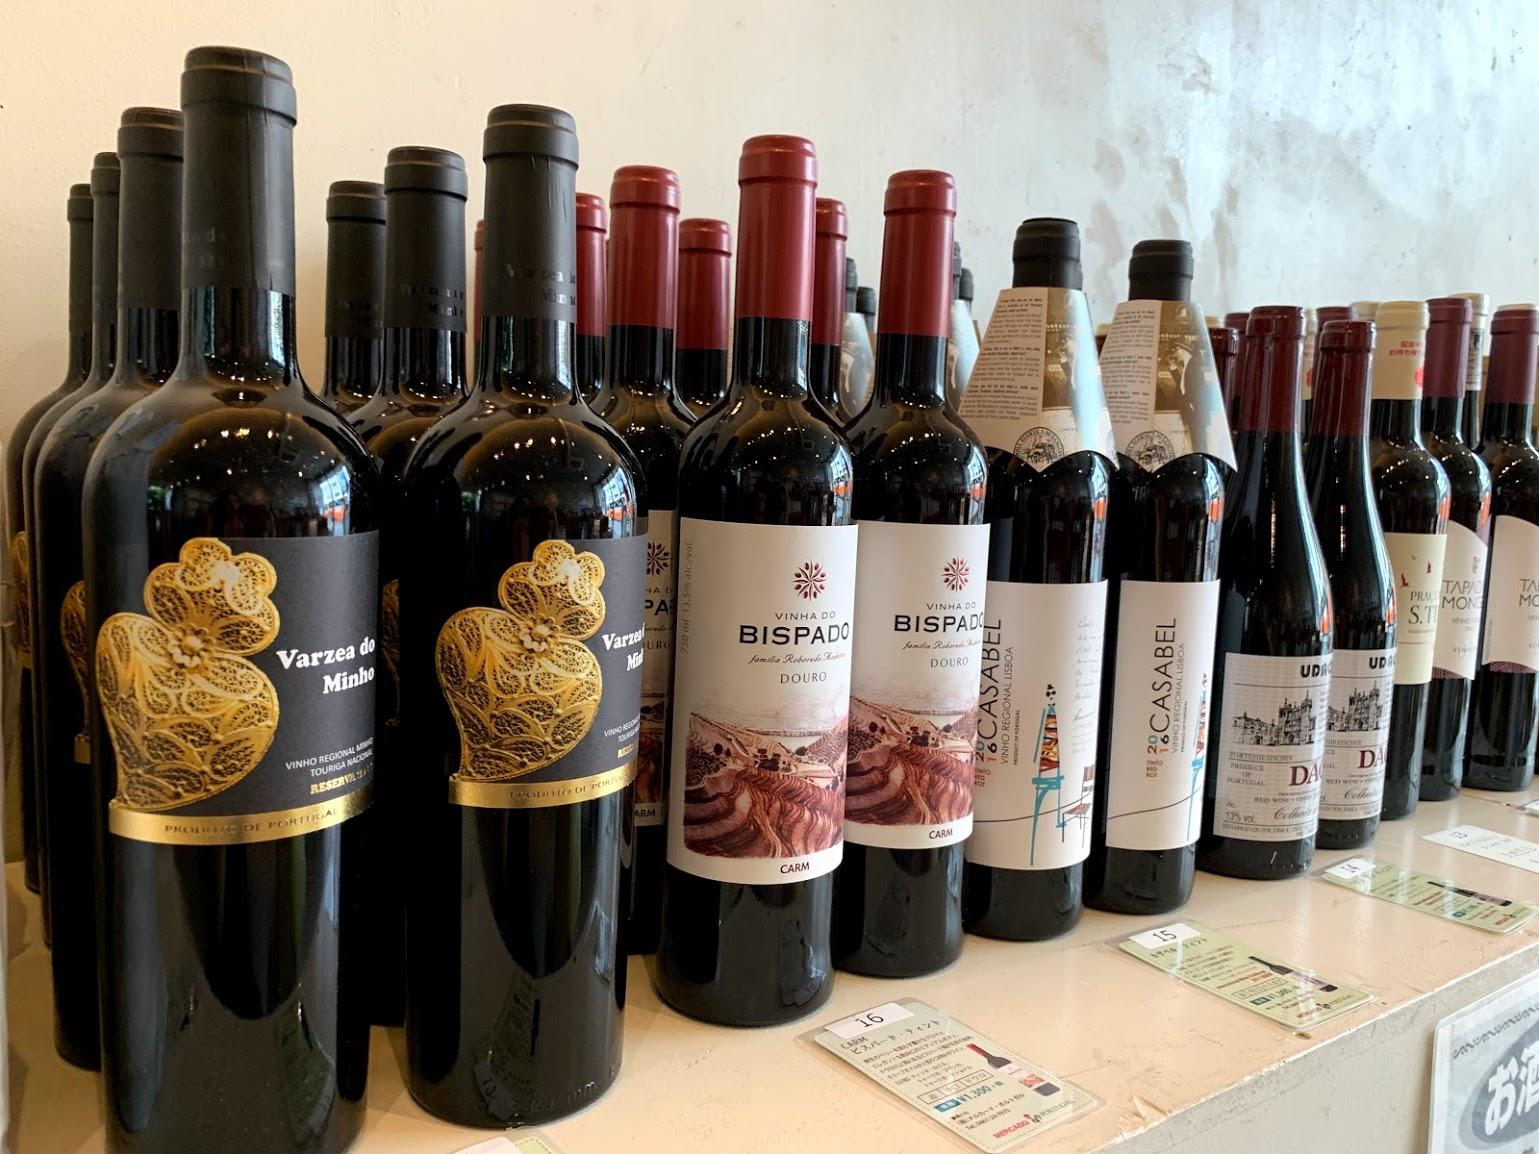 ダン、リスボン、ドウロ、ミーニョなど、ポルトガル各地方の赤ワインをご紹介しました